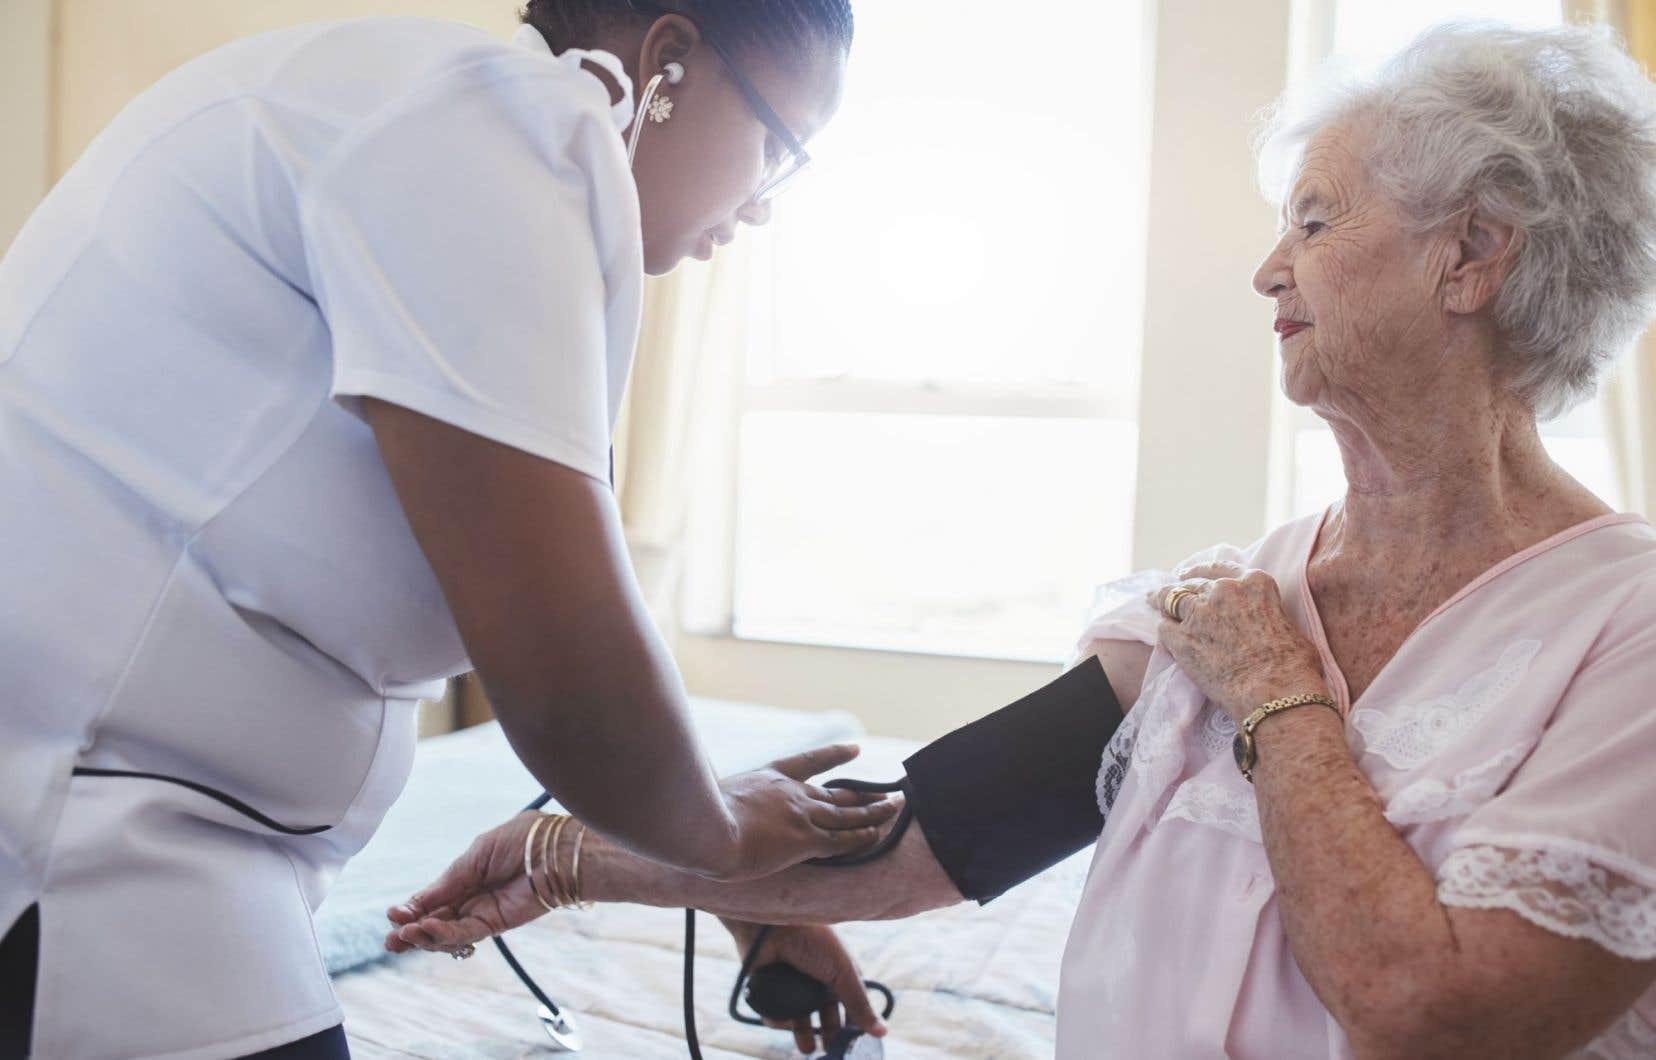 Les enjeux de santé reliés au vieillissement de la population, incluant la démence, vont croître.